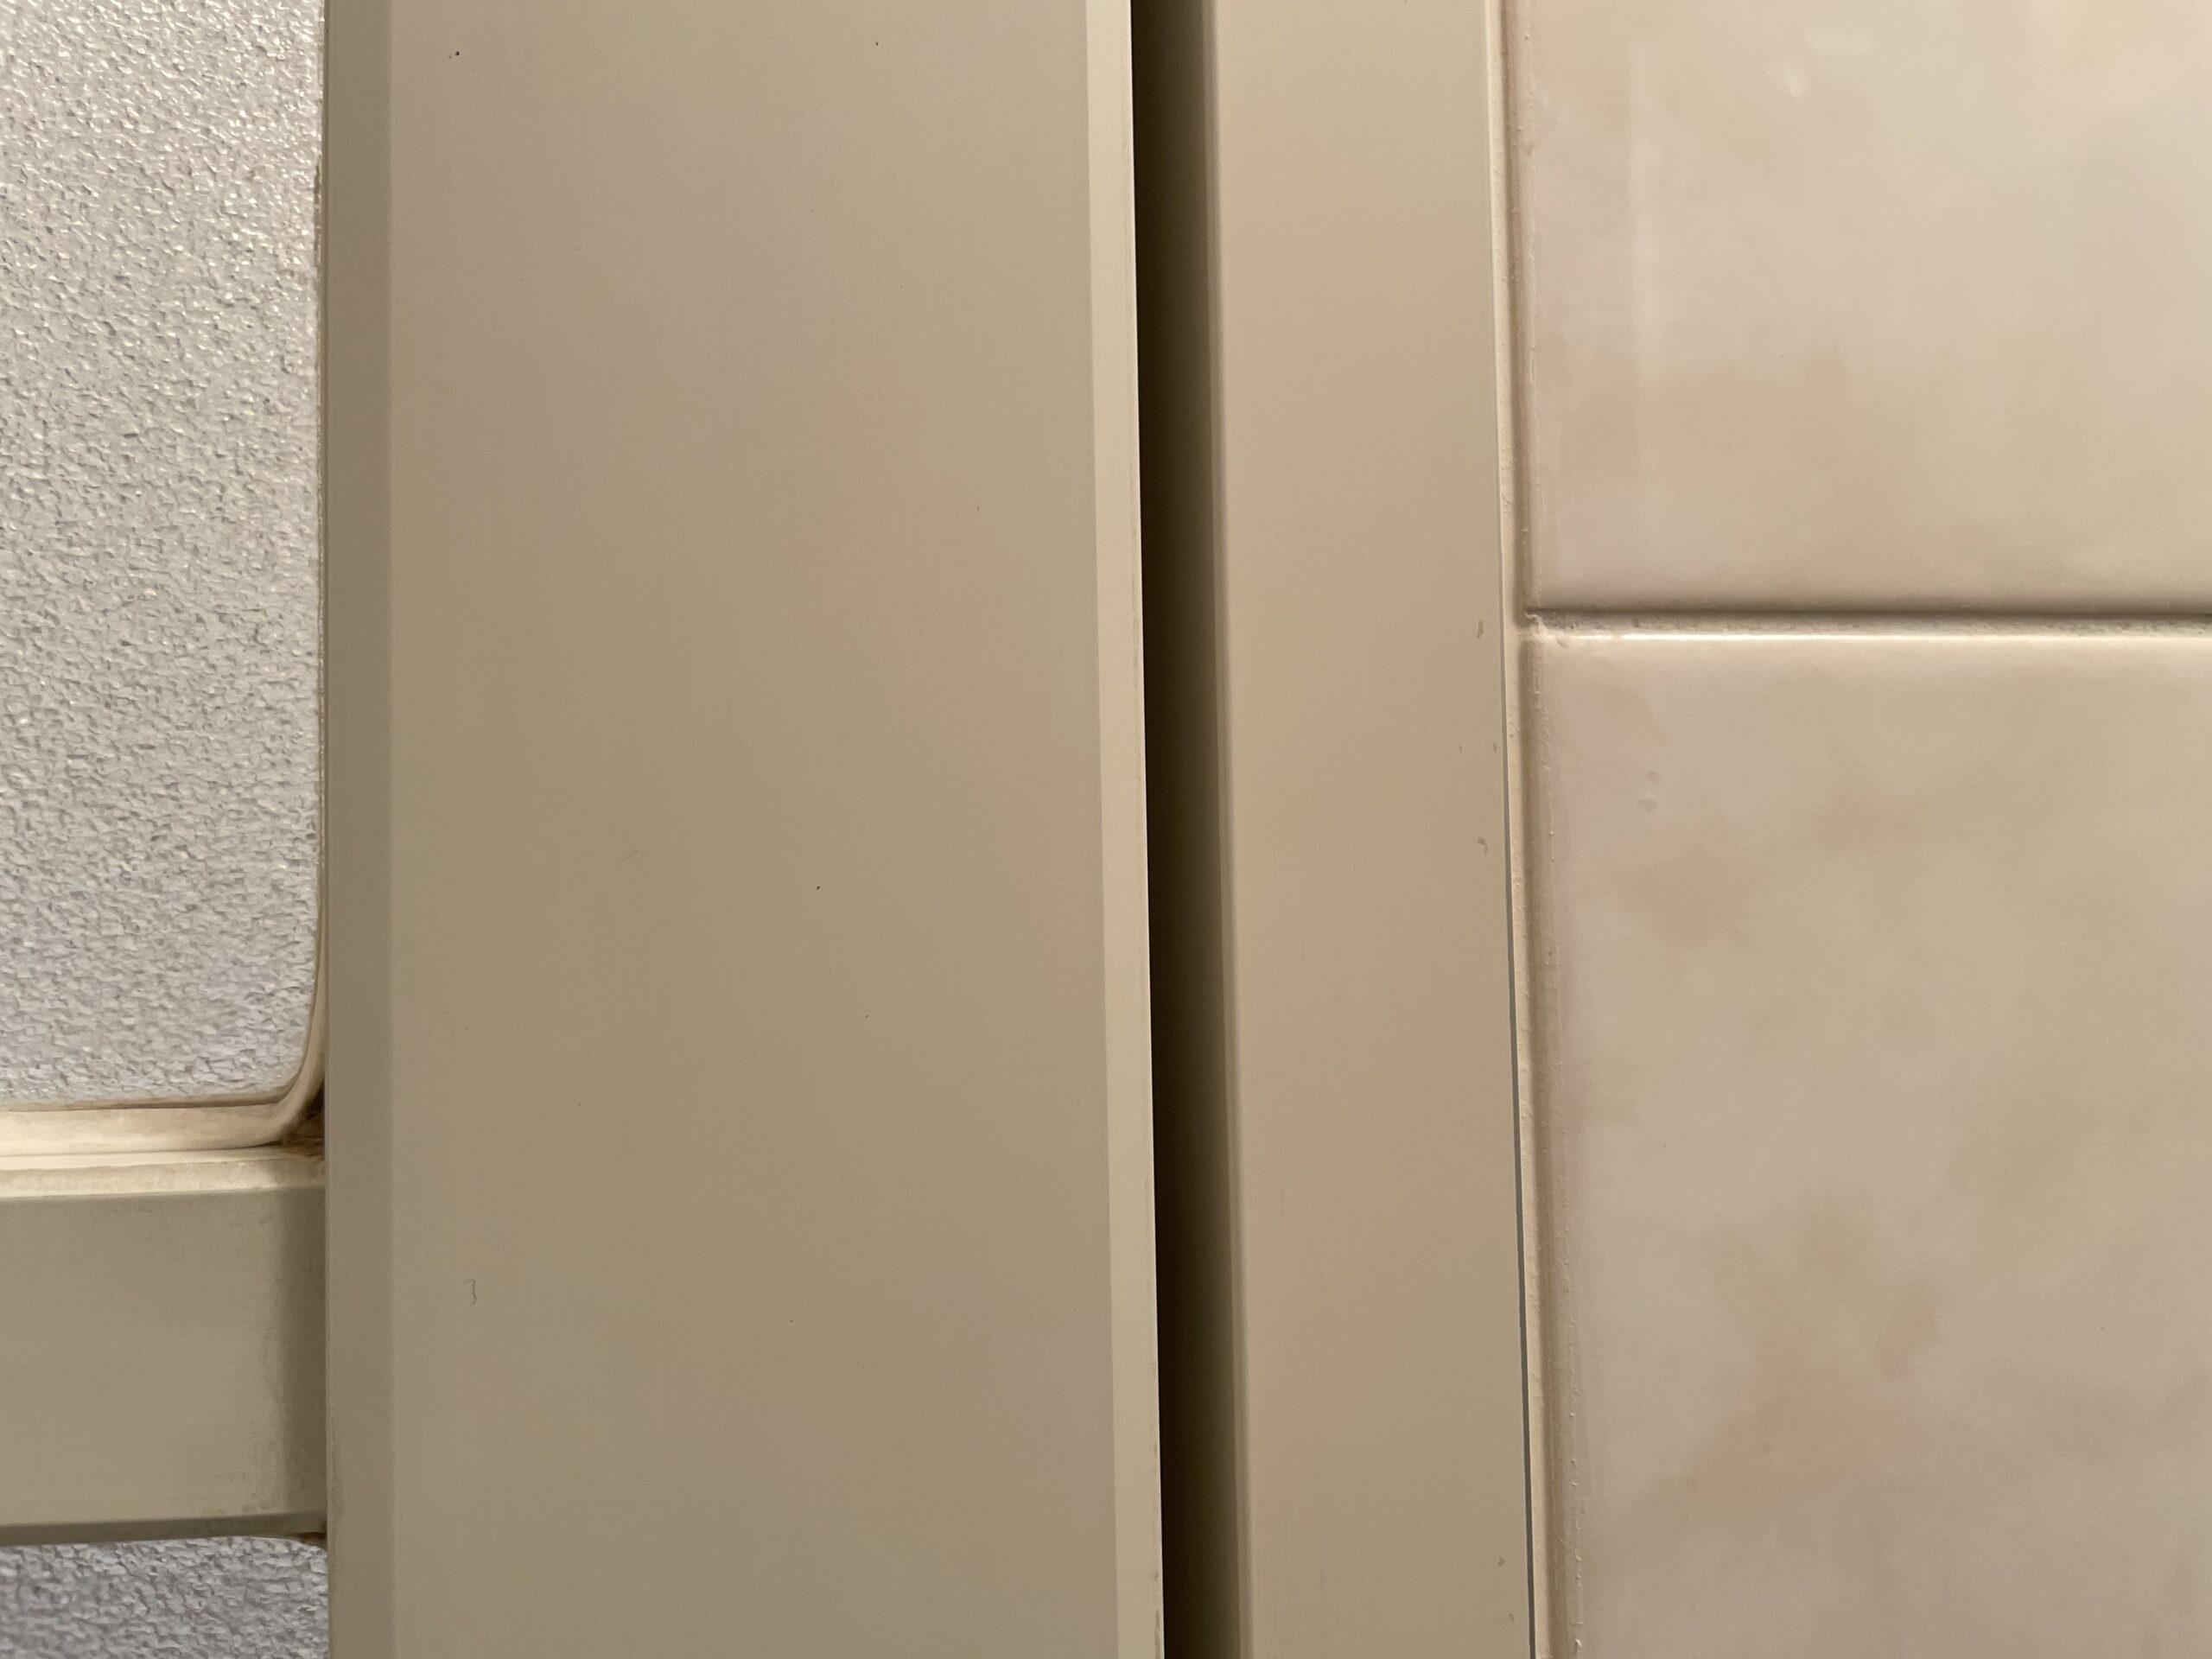 お風呂(浴室)の清掃&ガラスコーティングを東京都大田区東六郷で行いました。【施工事例60】